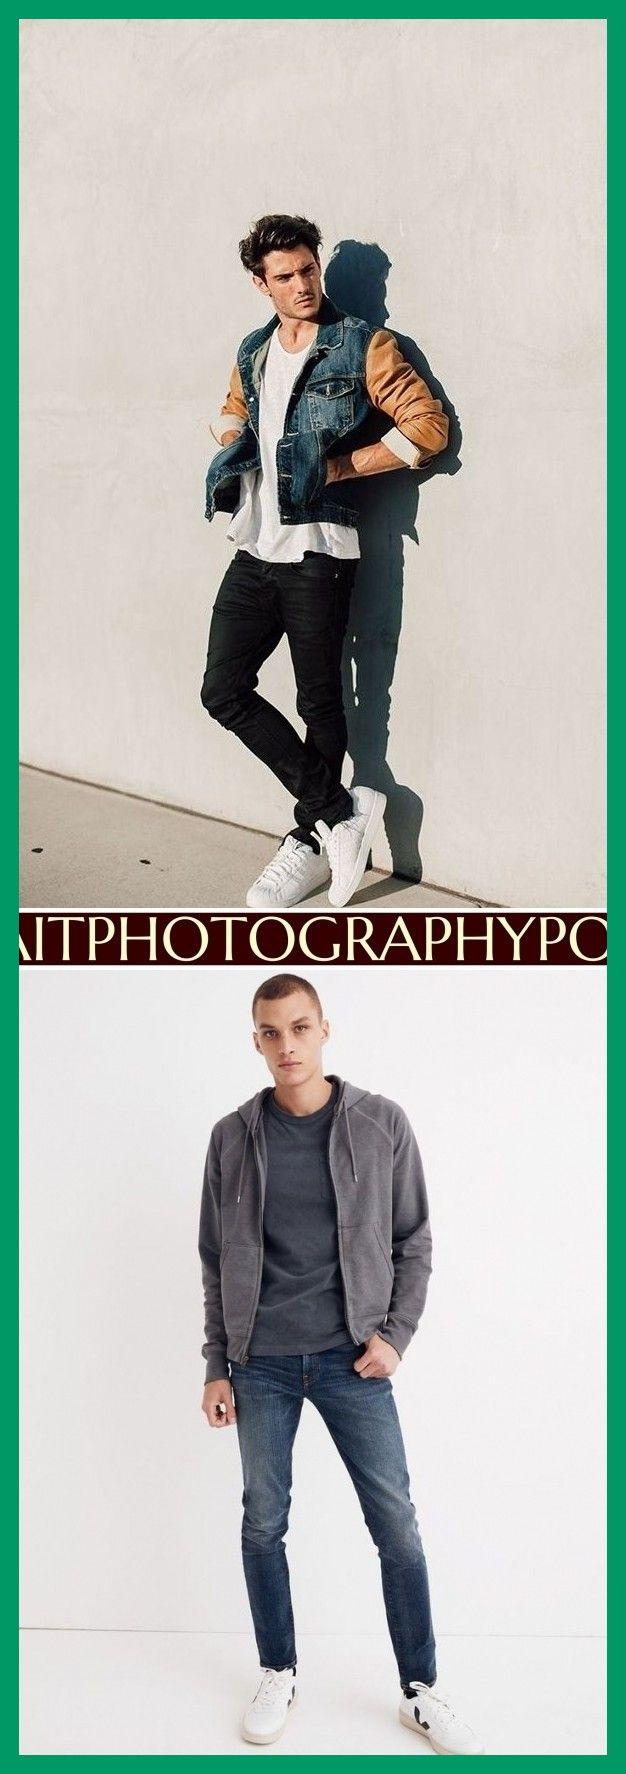 & best-portrait-fotografie-posiert-für-männer & best-portrait-fotografia-posiert-für-männer & mejor-retrato-fotografía-posiert-für-hombres & best-portr …